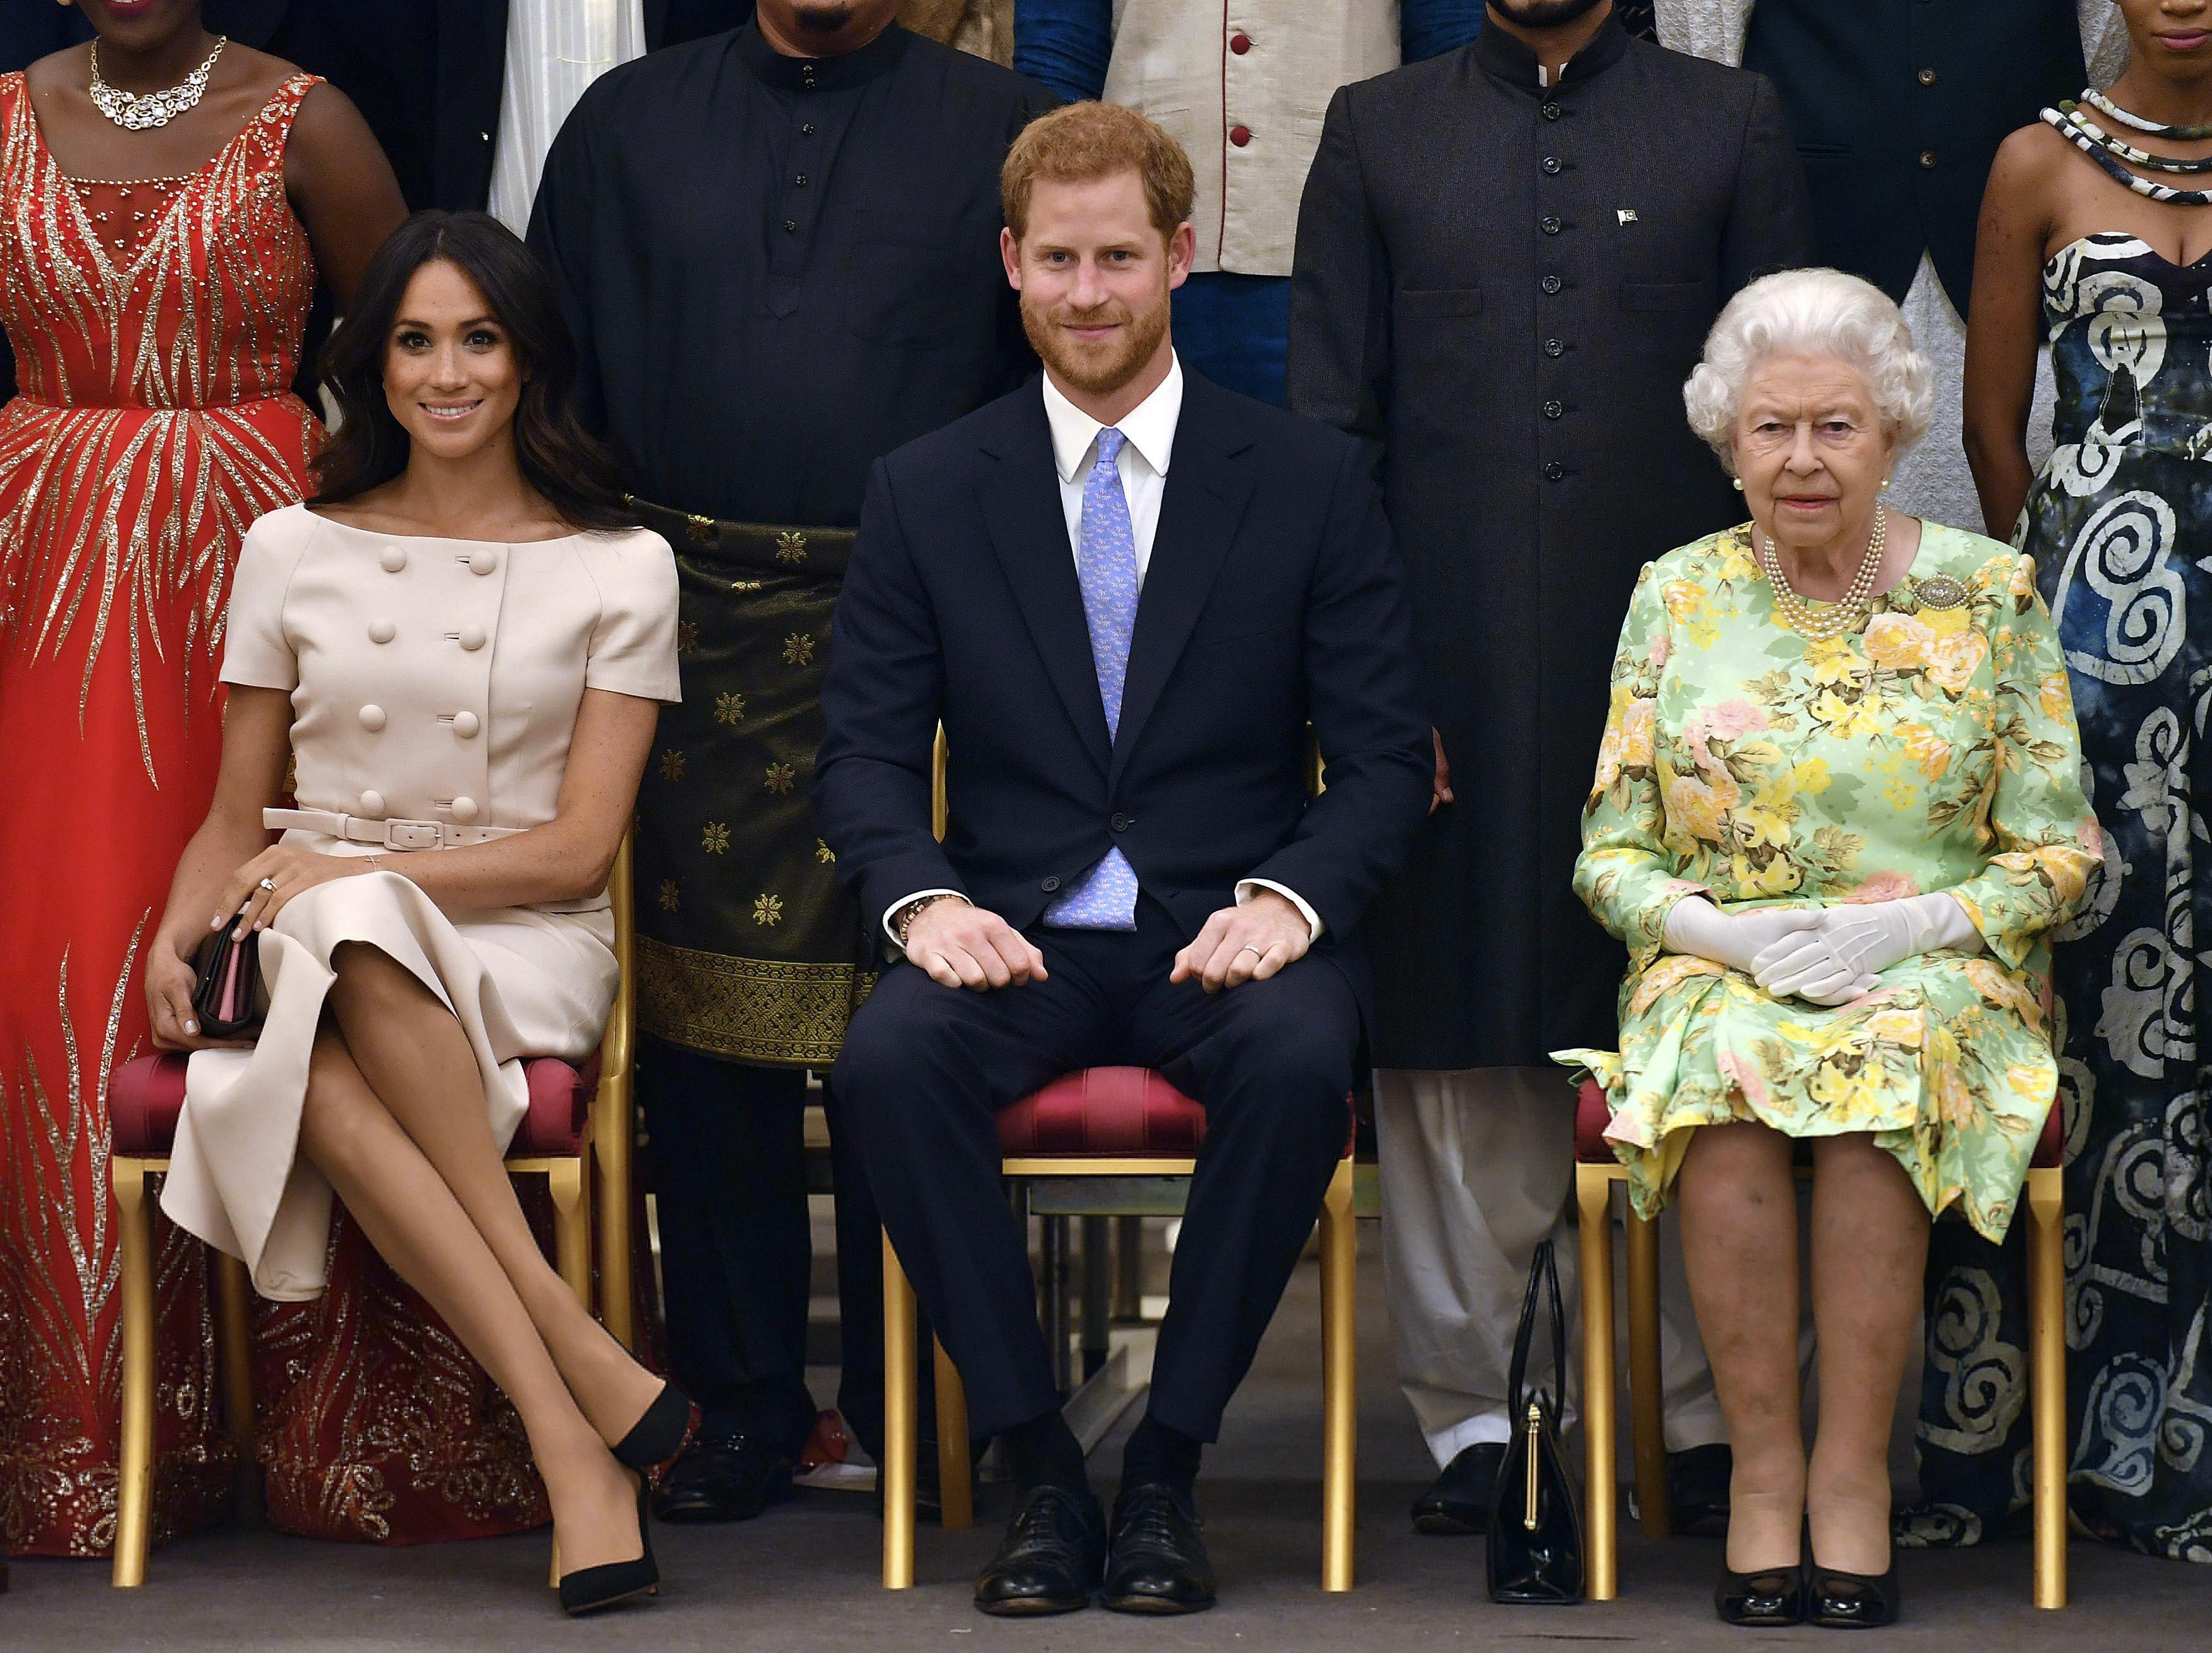 """A finales de junio de 2018 Meghan rompió uno de los protocolos durante la entrega de los Premios a los Jóvenes Líderes de la Reina. La duquesa olvidó la norma que establece que debe sentarse con las piernas una al lado de la otra o cruzadas a la altura de los tobillos -pose conocida como """"inclinación de la princesa""""-, y las cruzó por los muslos. (Archivo)"""